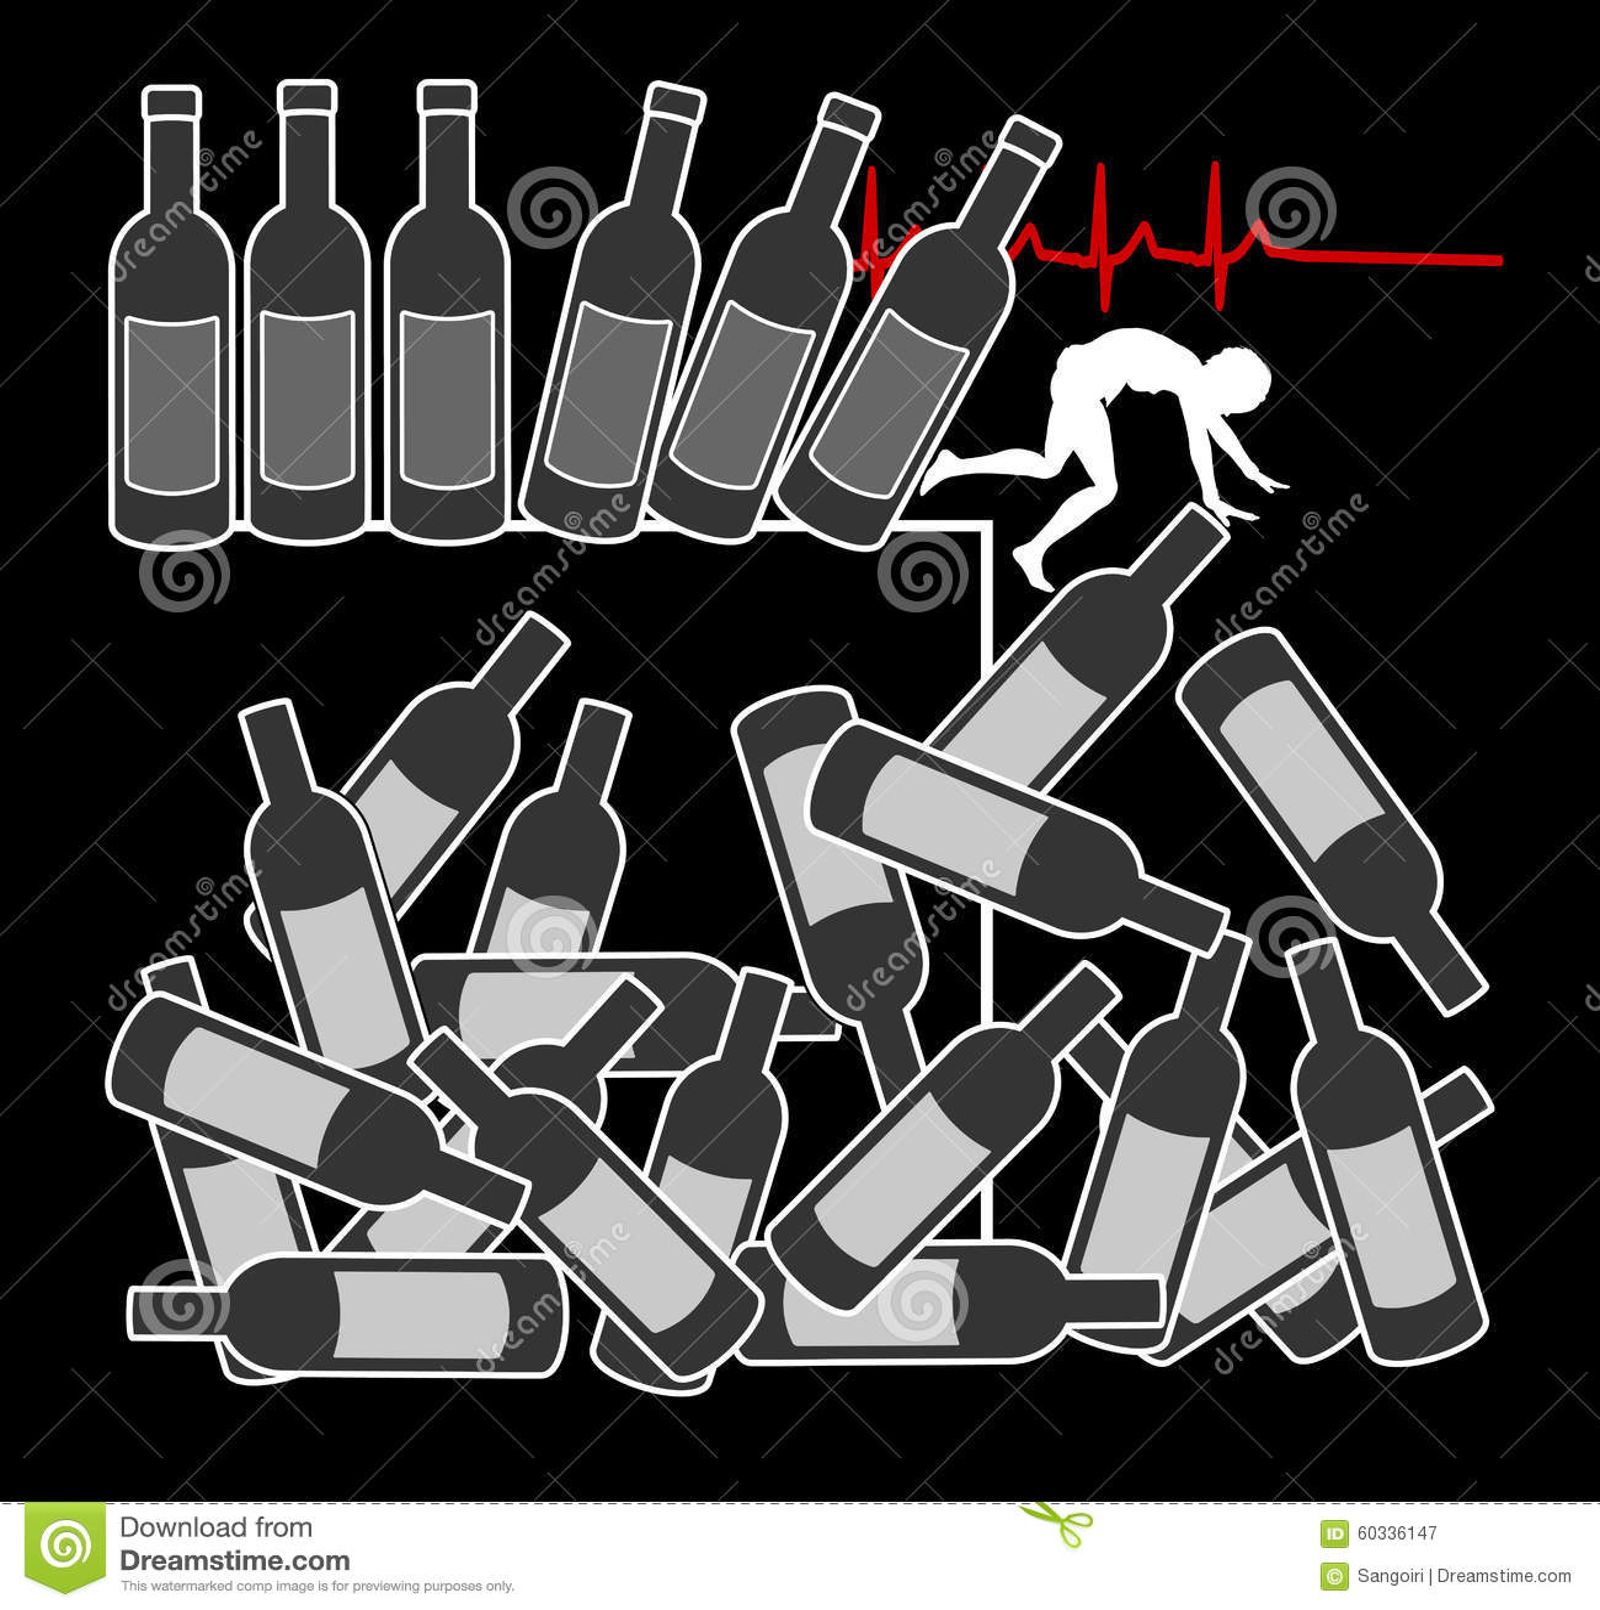 Fact Sheets - Binge Drinking